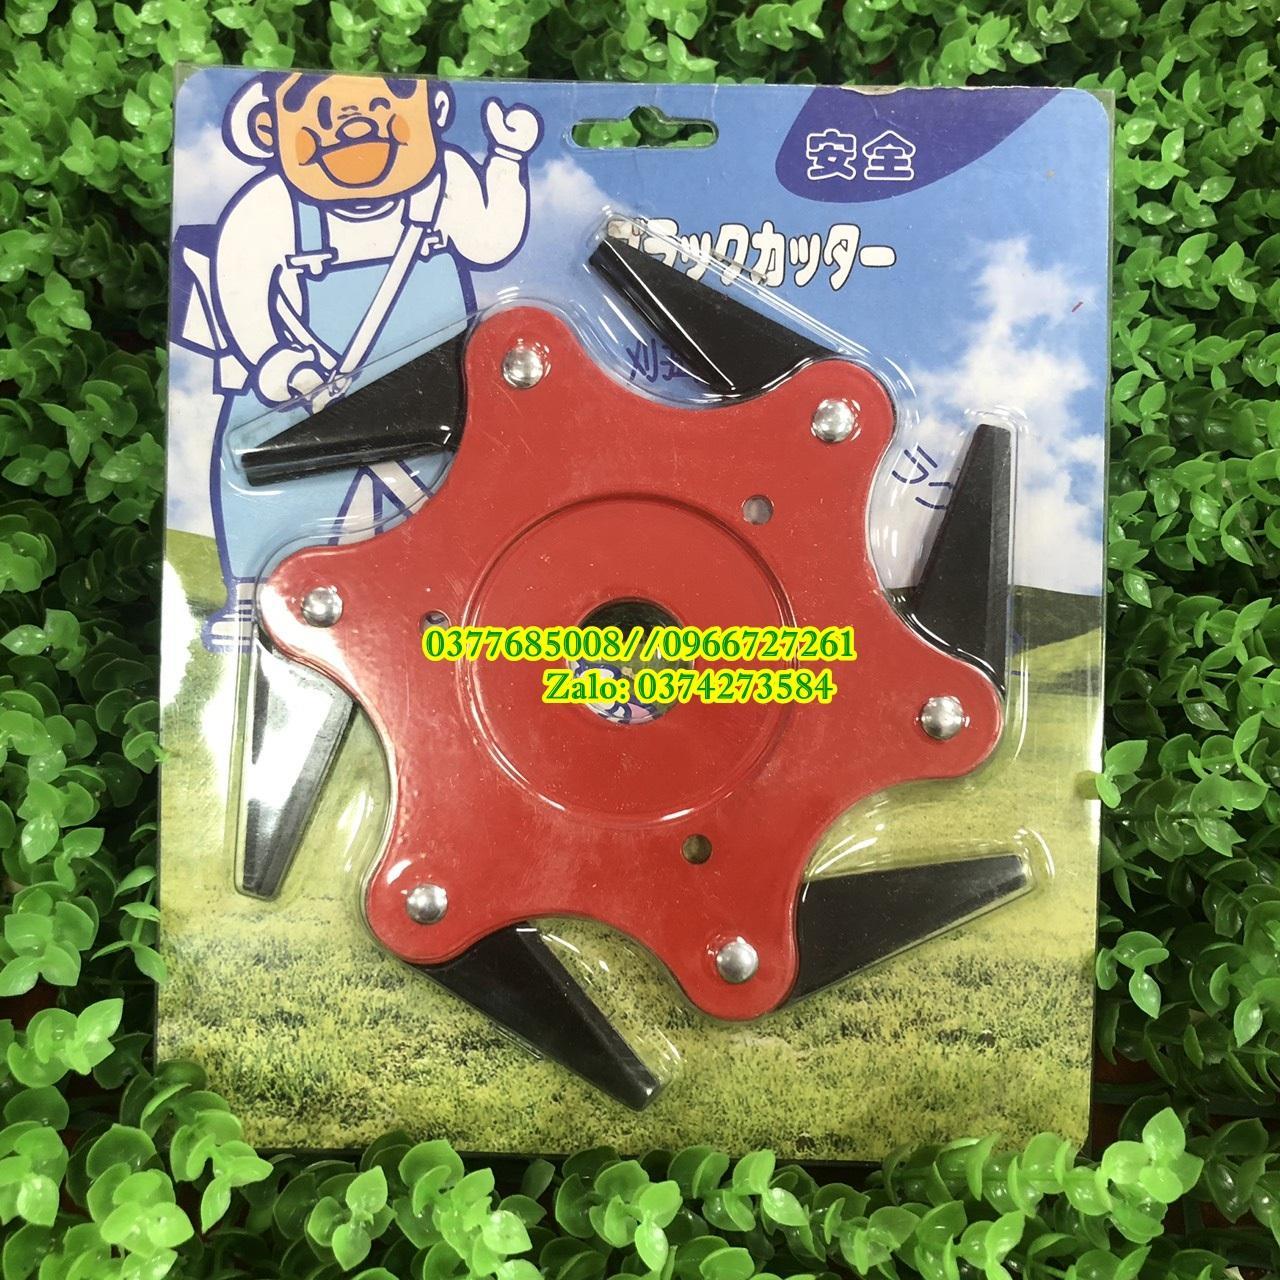 Lư.ỡi cắt cỏ 6 cạnh chuyên dụng gắn vừa các loại máy cắt cỏ